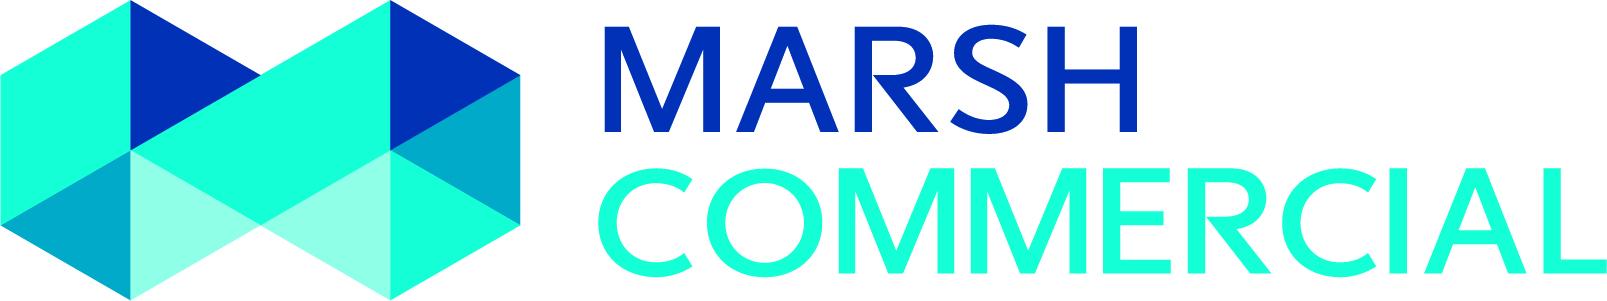 Marsh Commercial  Logo